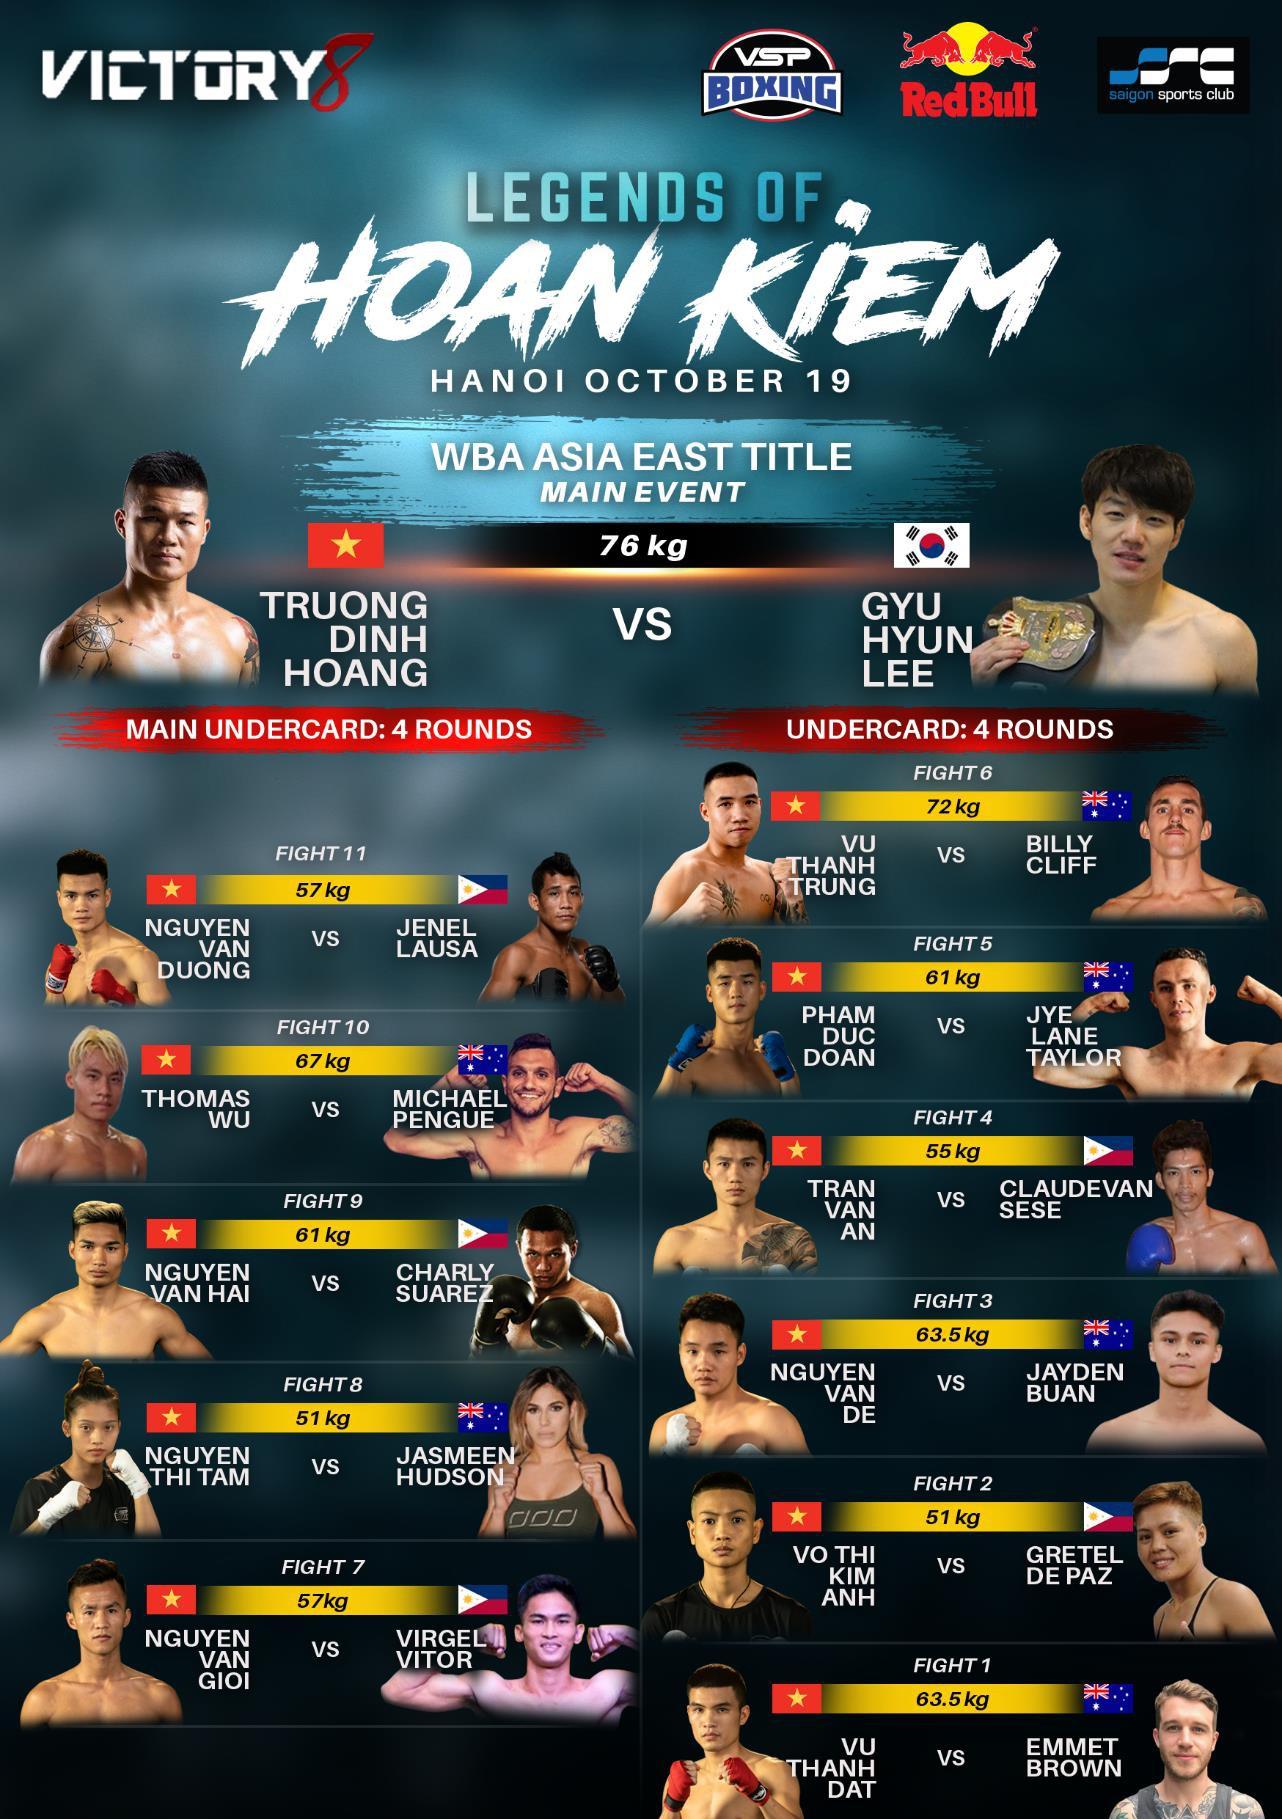 Sự kiện tranh đai Boxing nhà nghề đầu tiên tại Việt Nam tăng sức nóng với nữ ca sĩ Hoàng Thùy Linh - Ảnh 1.